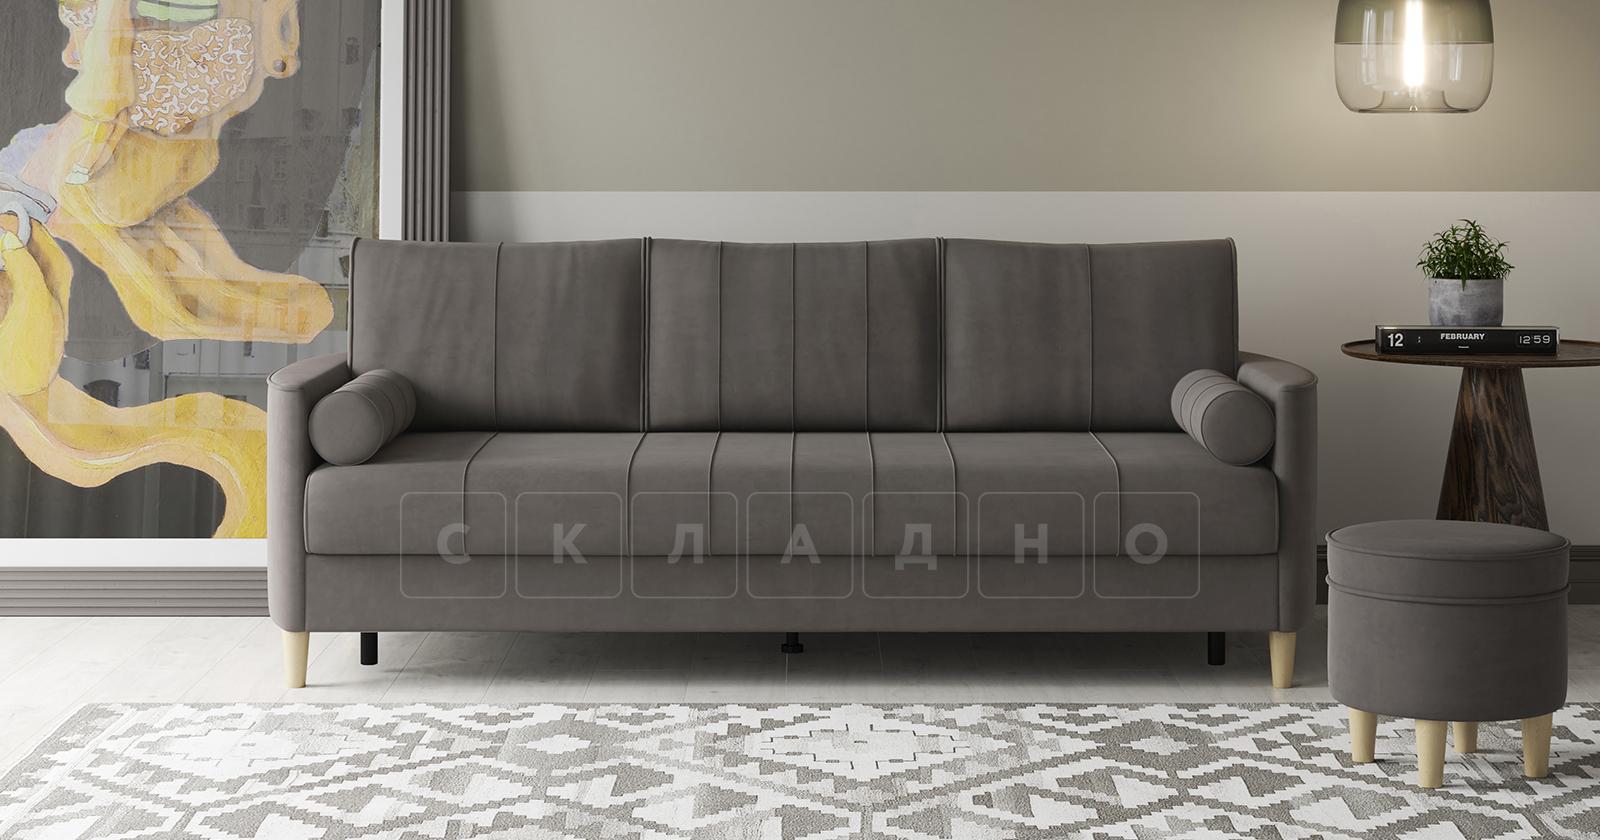 Диван-кровать Лорен серо-коричневый фото 12 | интернет-магазин Складно